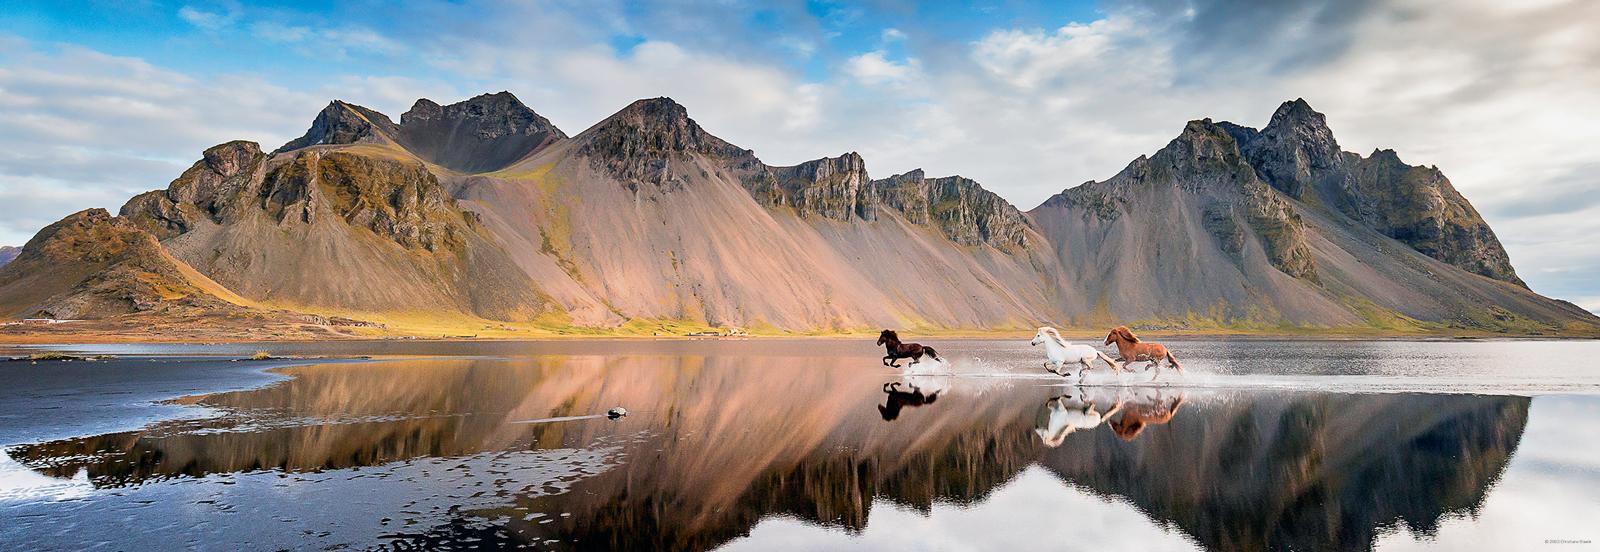 Iceland Horses Horses Jigsaw Puzzle